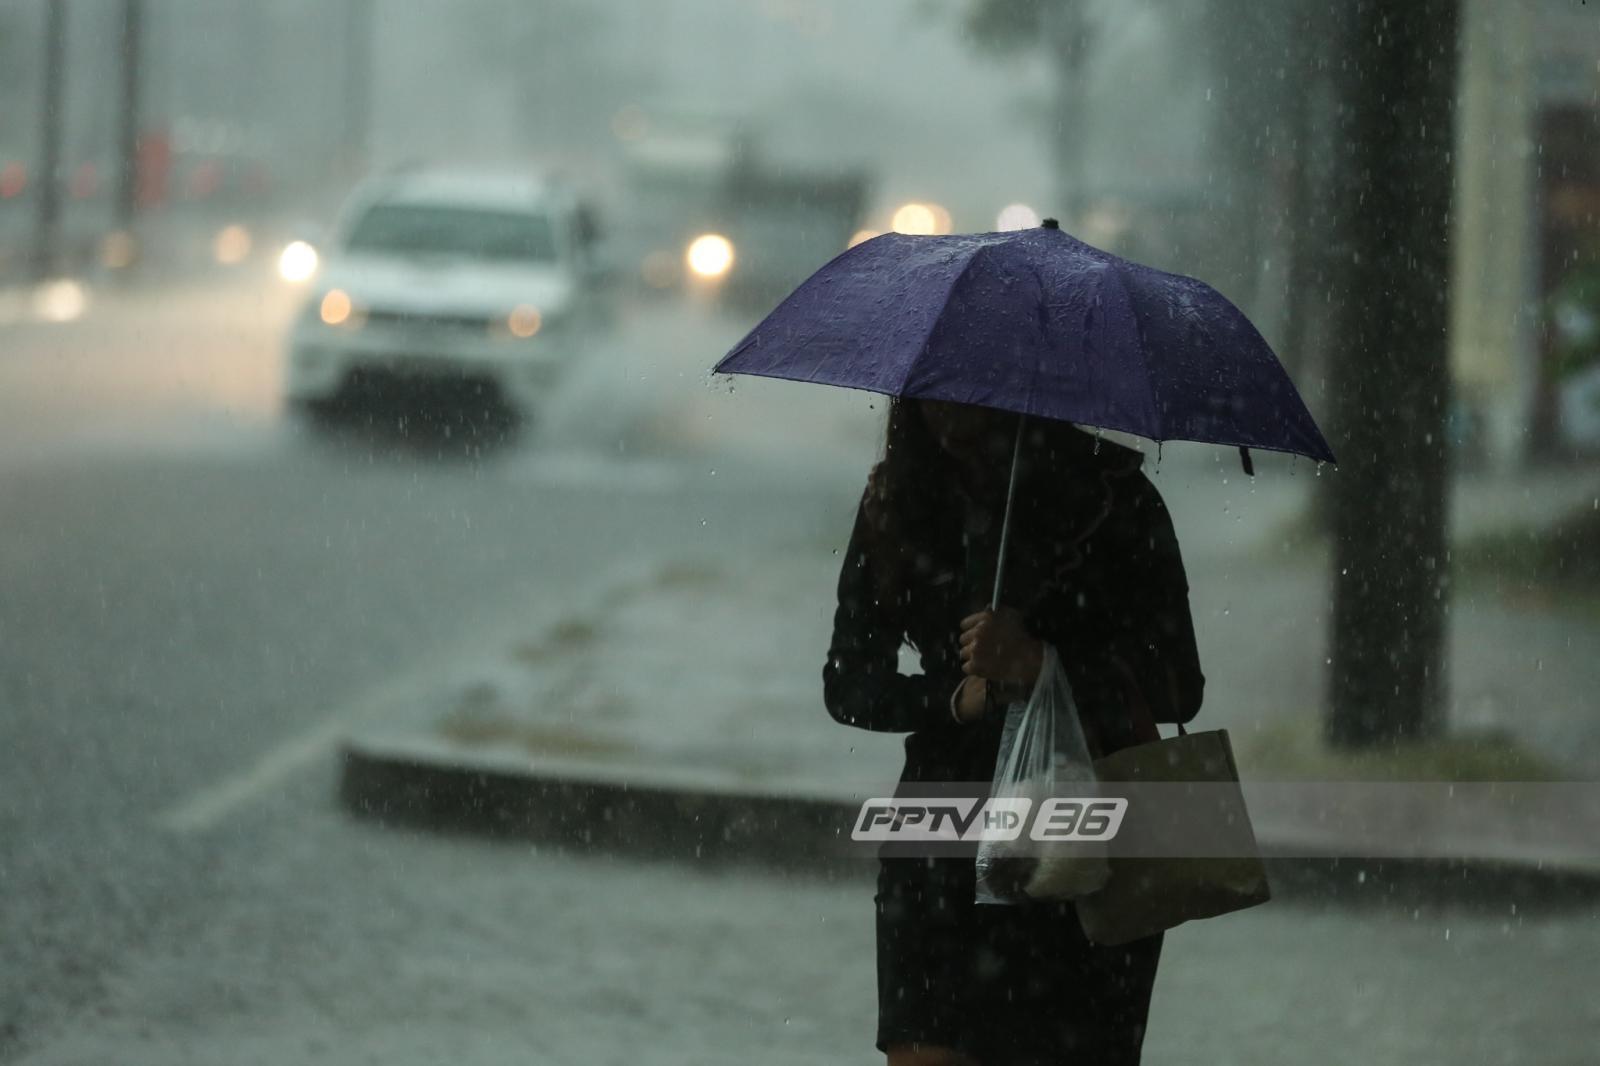 อุตุฯ ประกาศฝนตกหนักภาคใต้ ฉบับที่ 10 - กทม.มีฝนร้อยละ 40